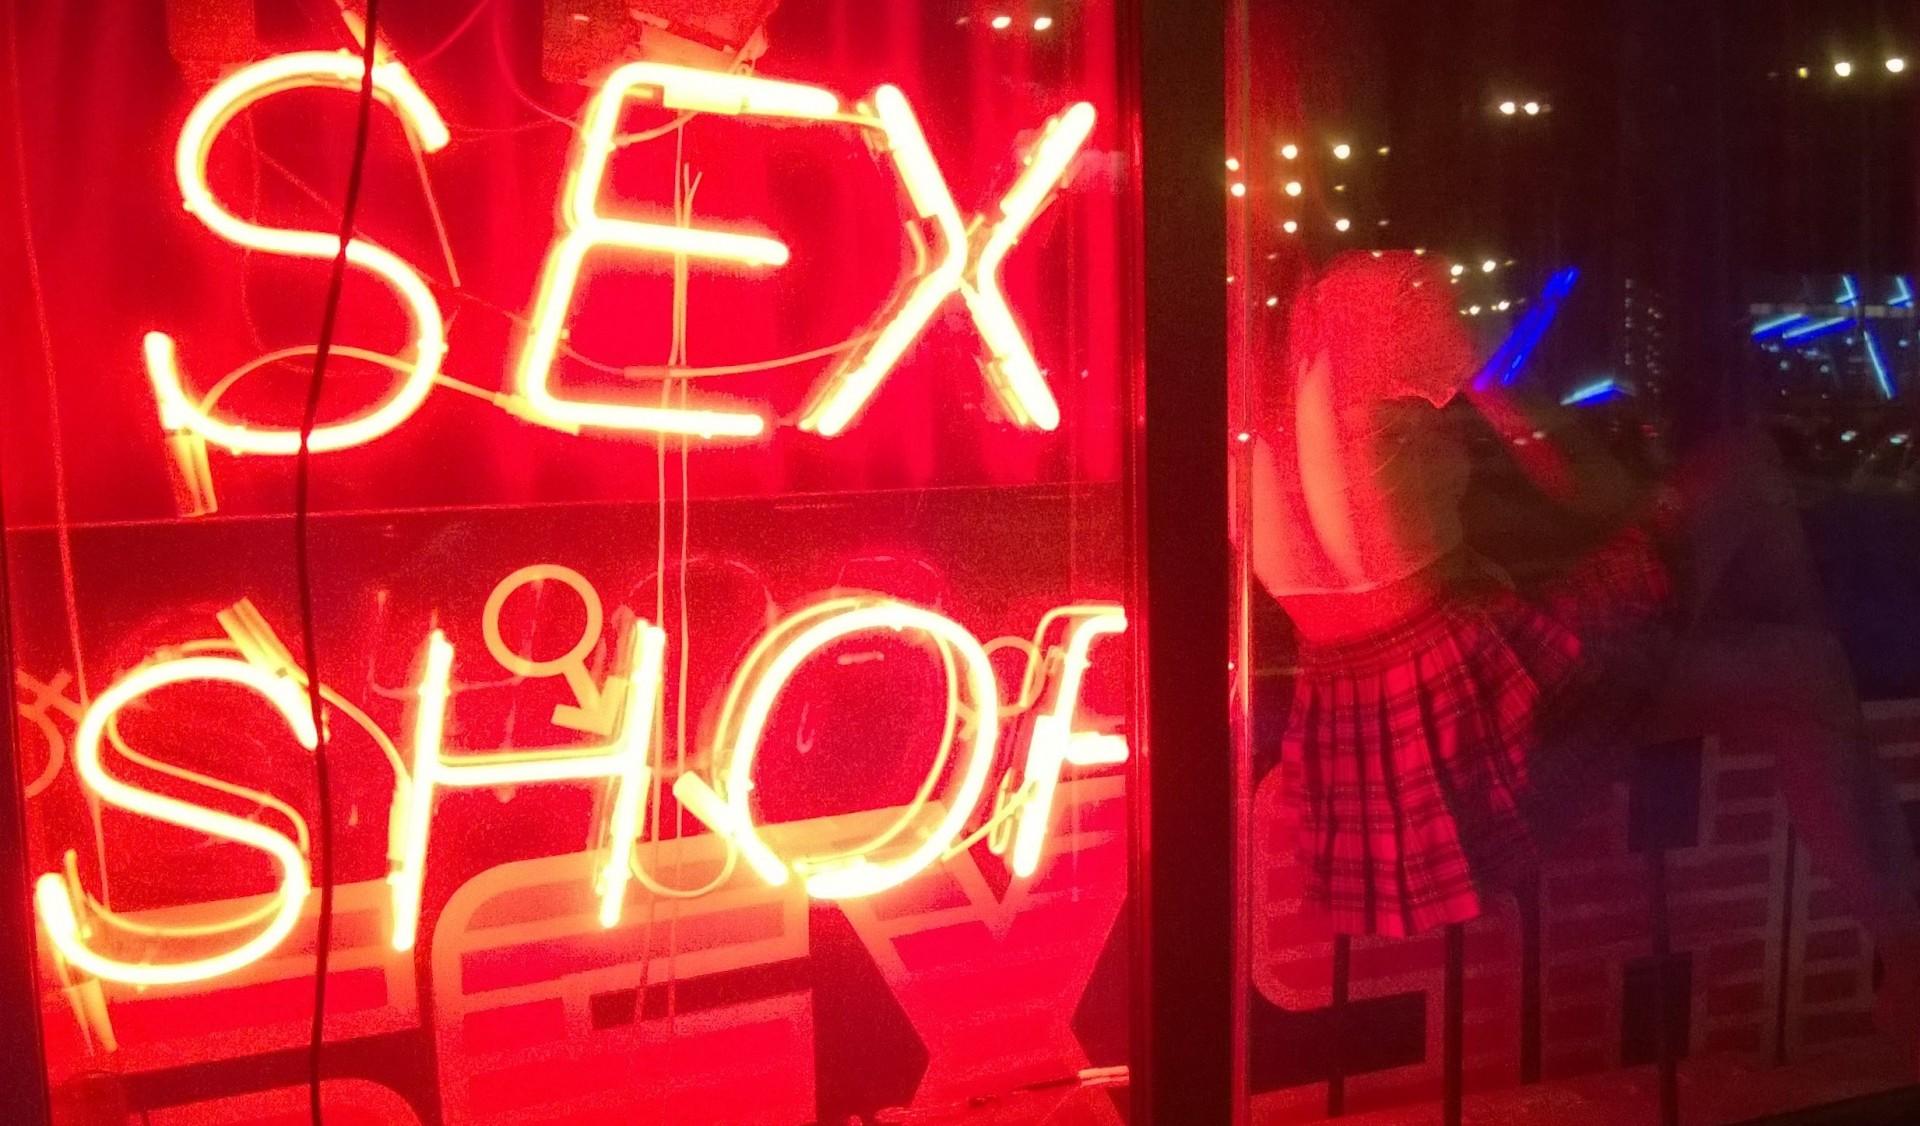 ac95737c3b7c26 50 відтінків кризи: топ-менеджер секс-шопу Kazanova про ринок інтимних  товарів в Україні